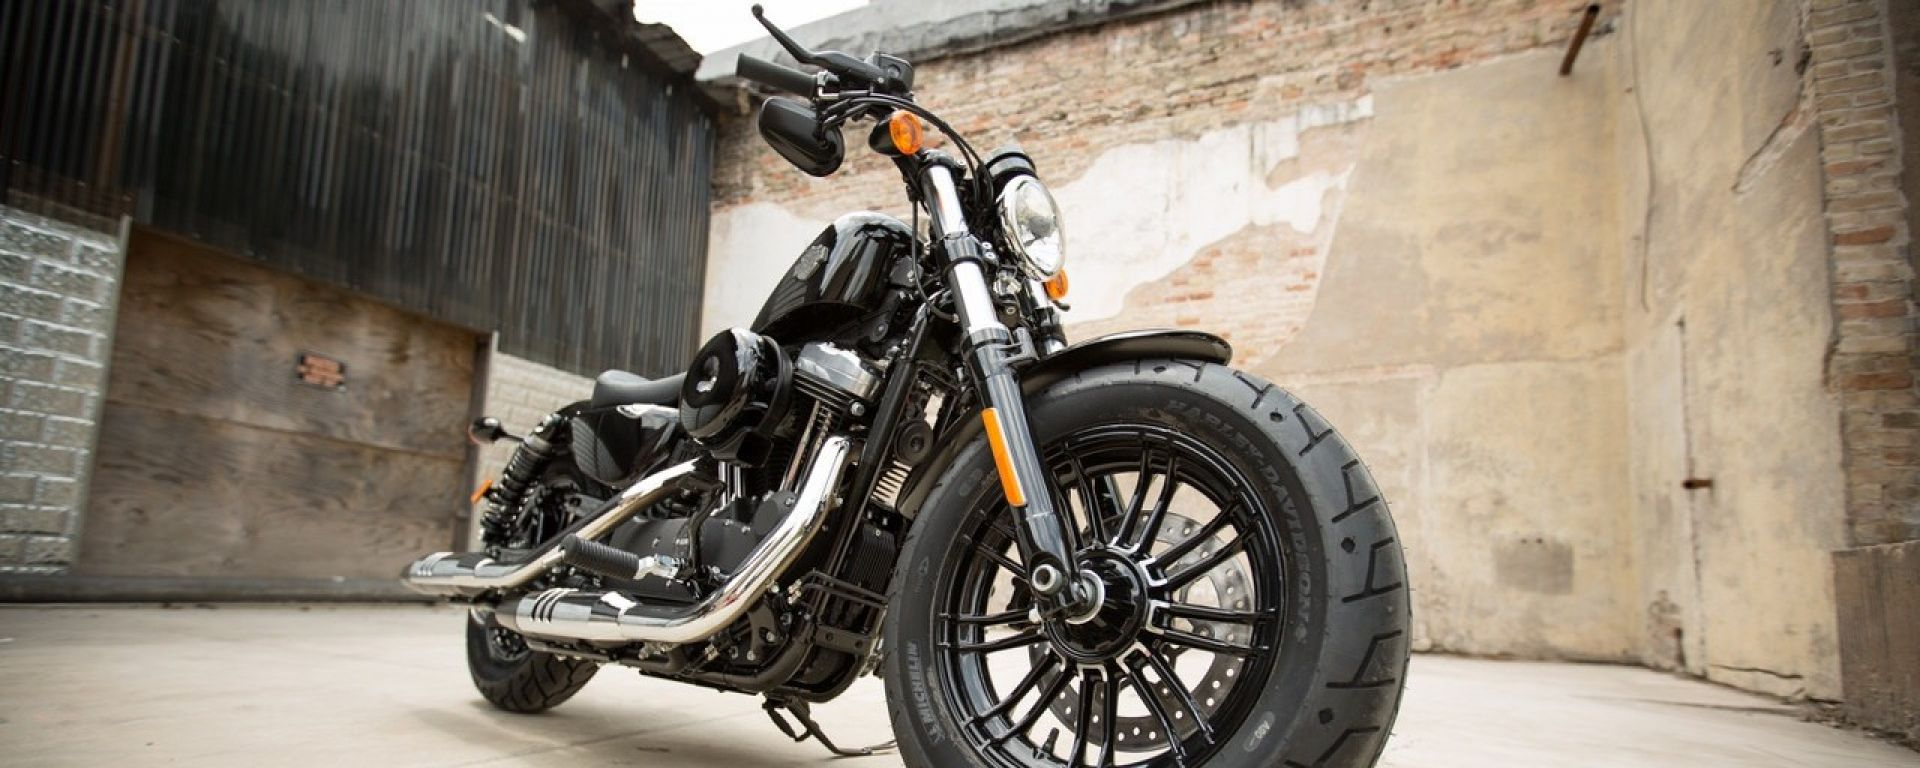 Harley-Davidson Dark Custom Tour